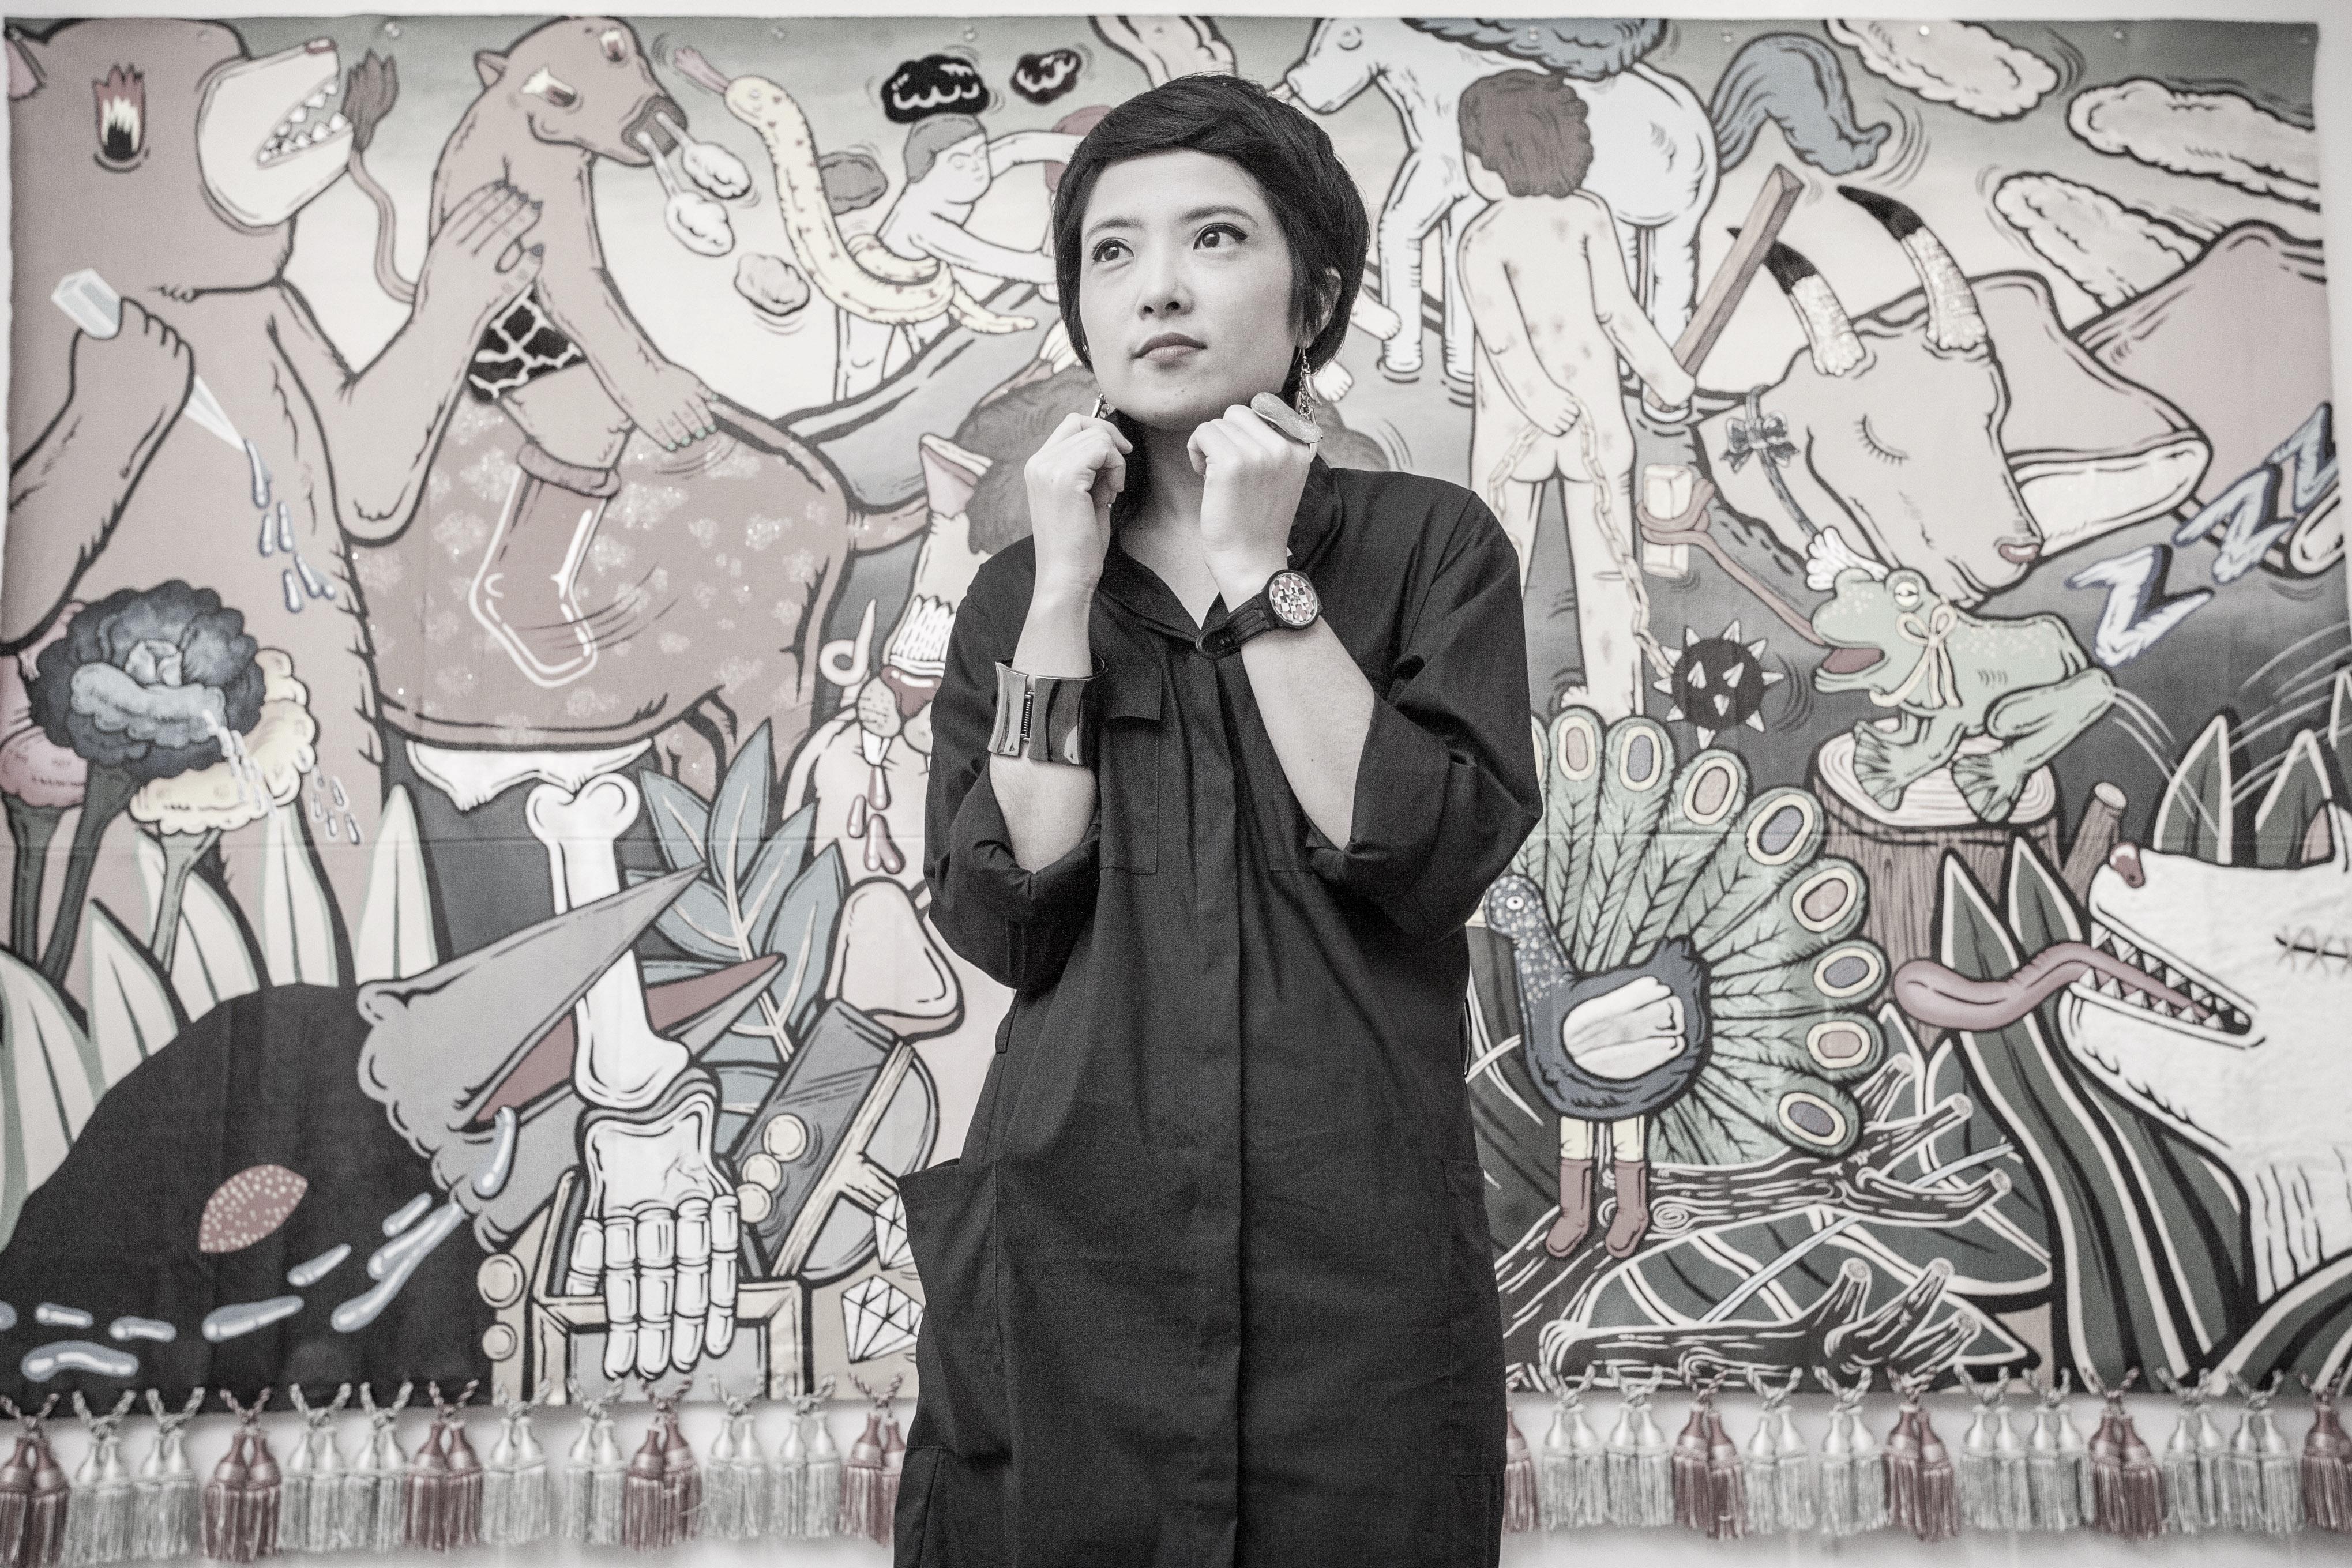 Yuree Kensaku